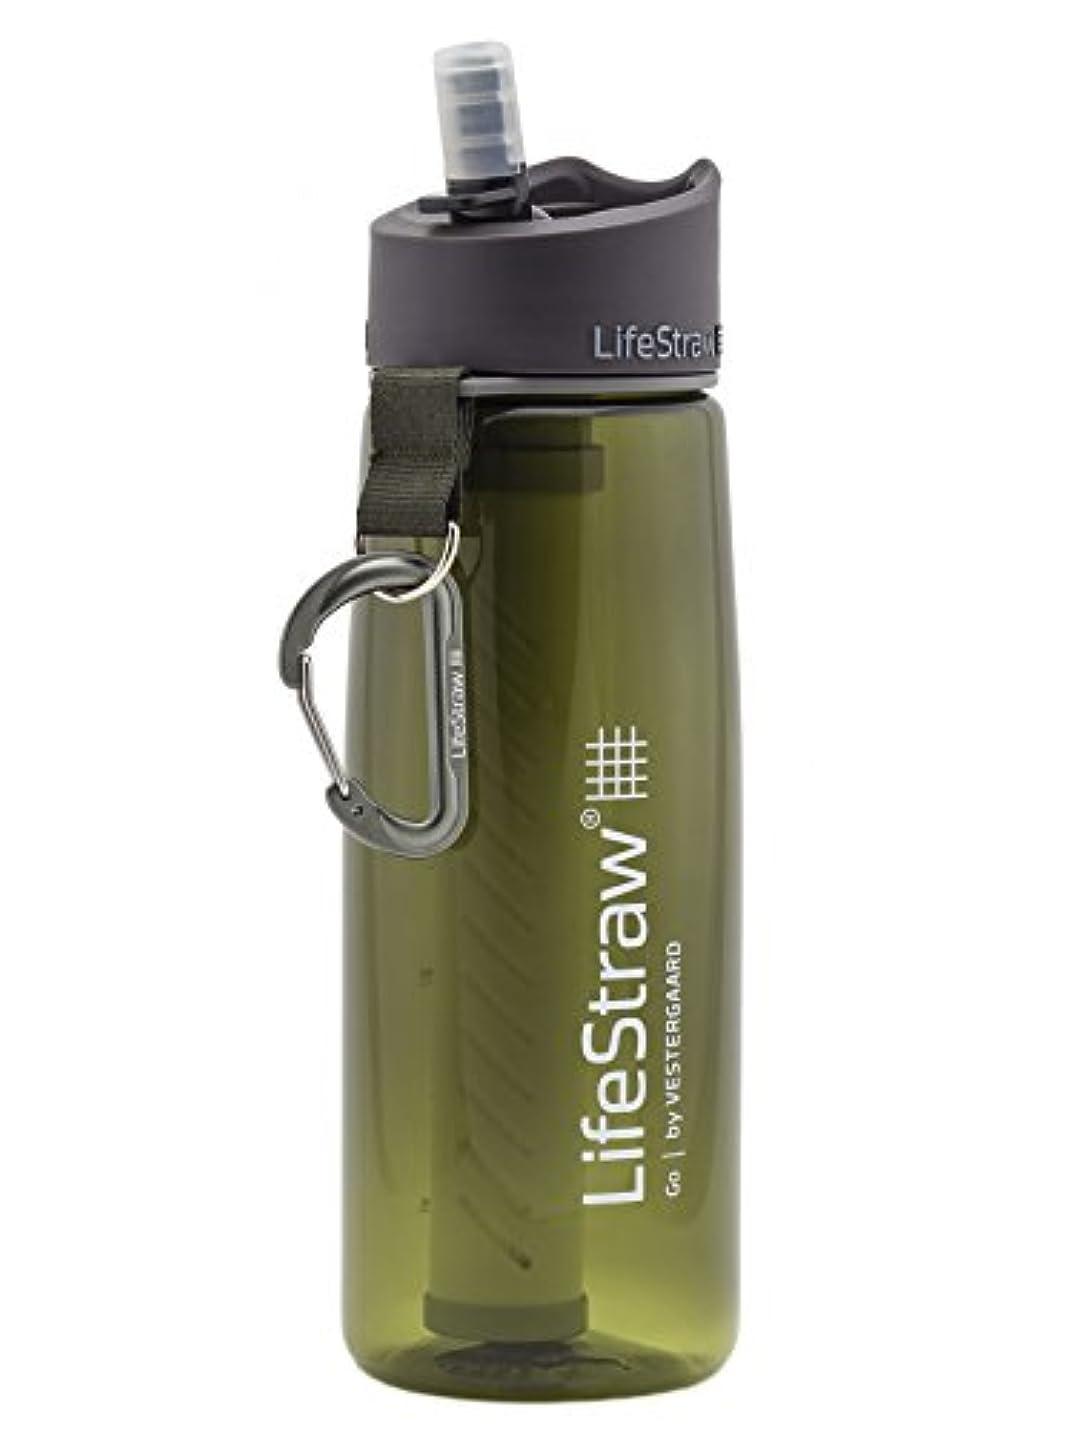 眠いです手綱製造業LifeStraw ハイキング、バックパッキング、旅行のための2ステージ統合フィルターストローを持つウォーターフィルターボトル、